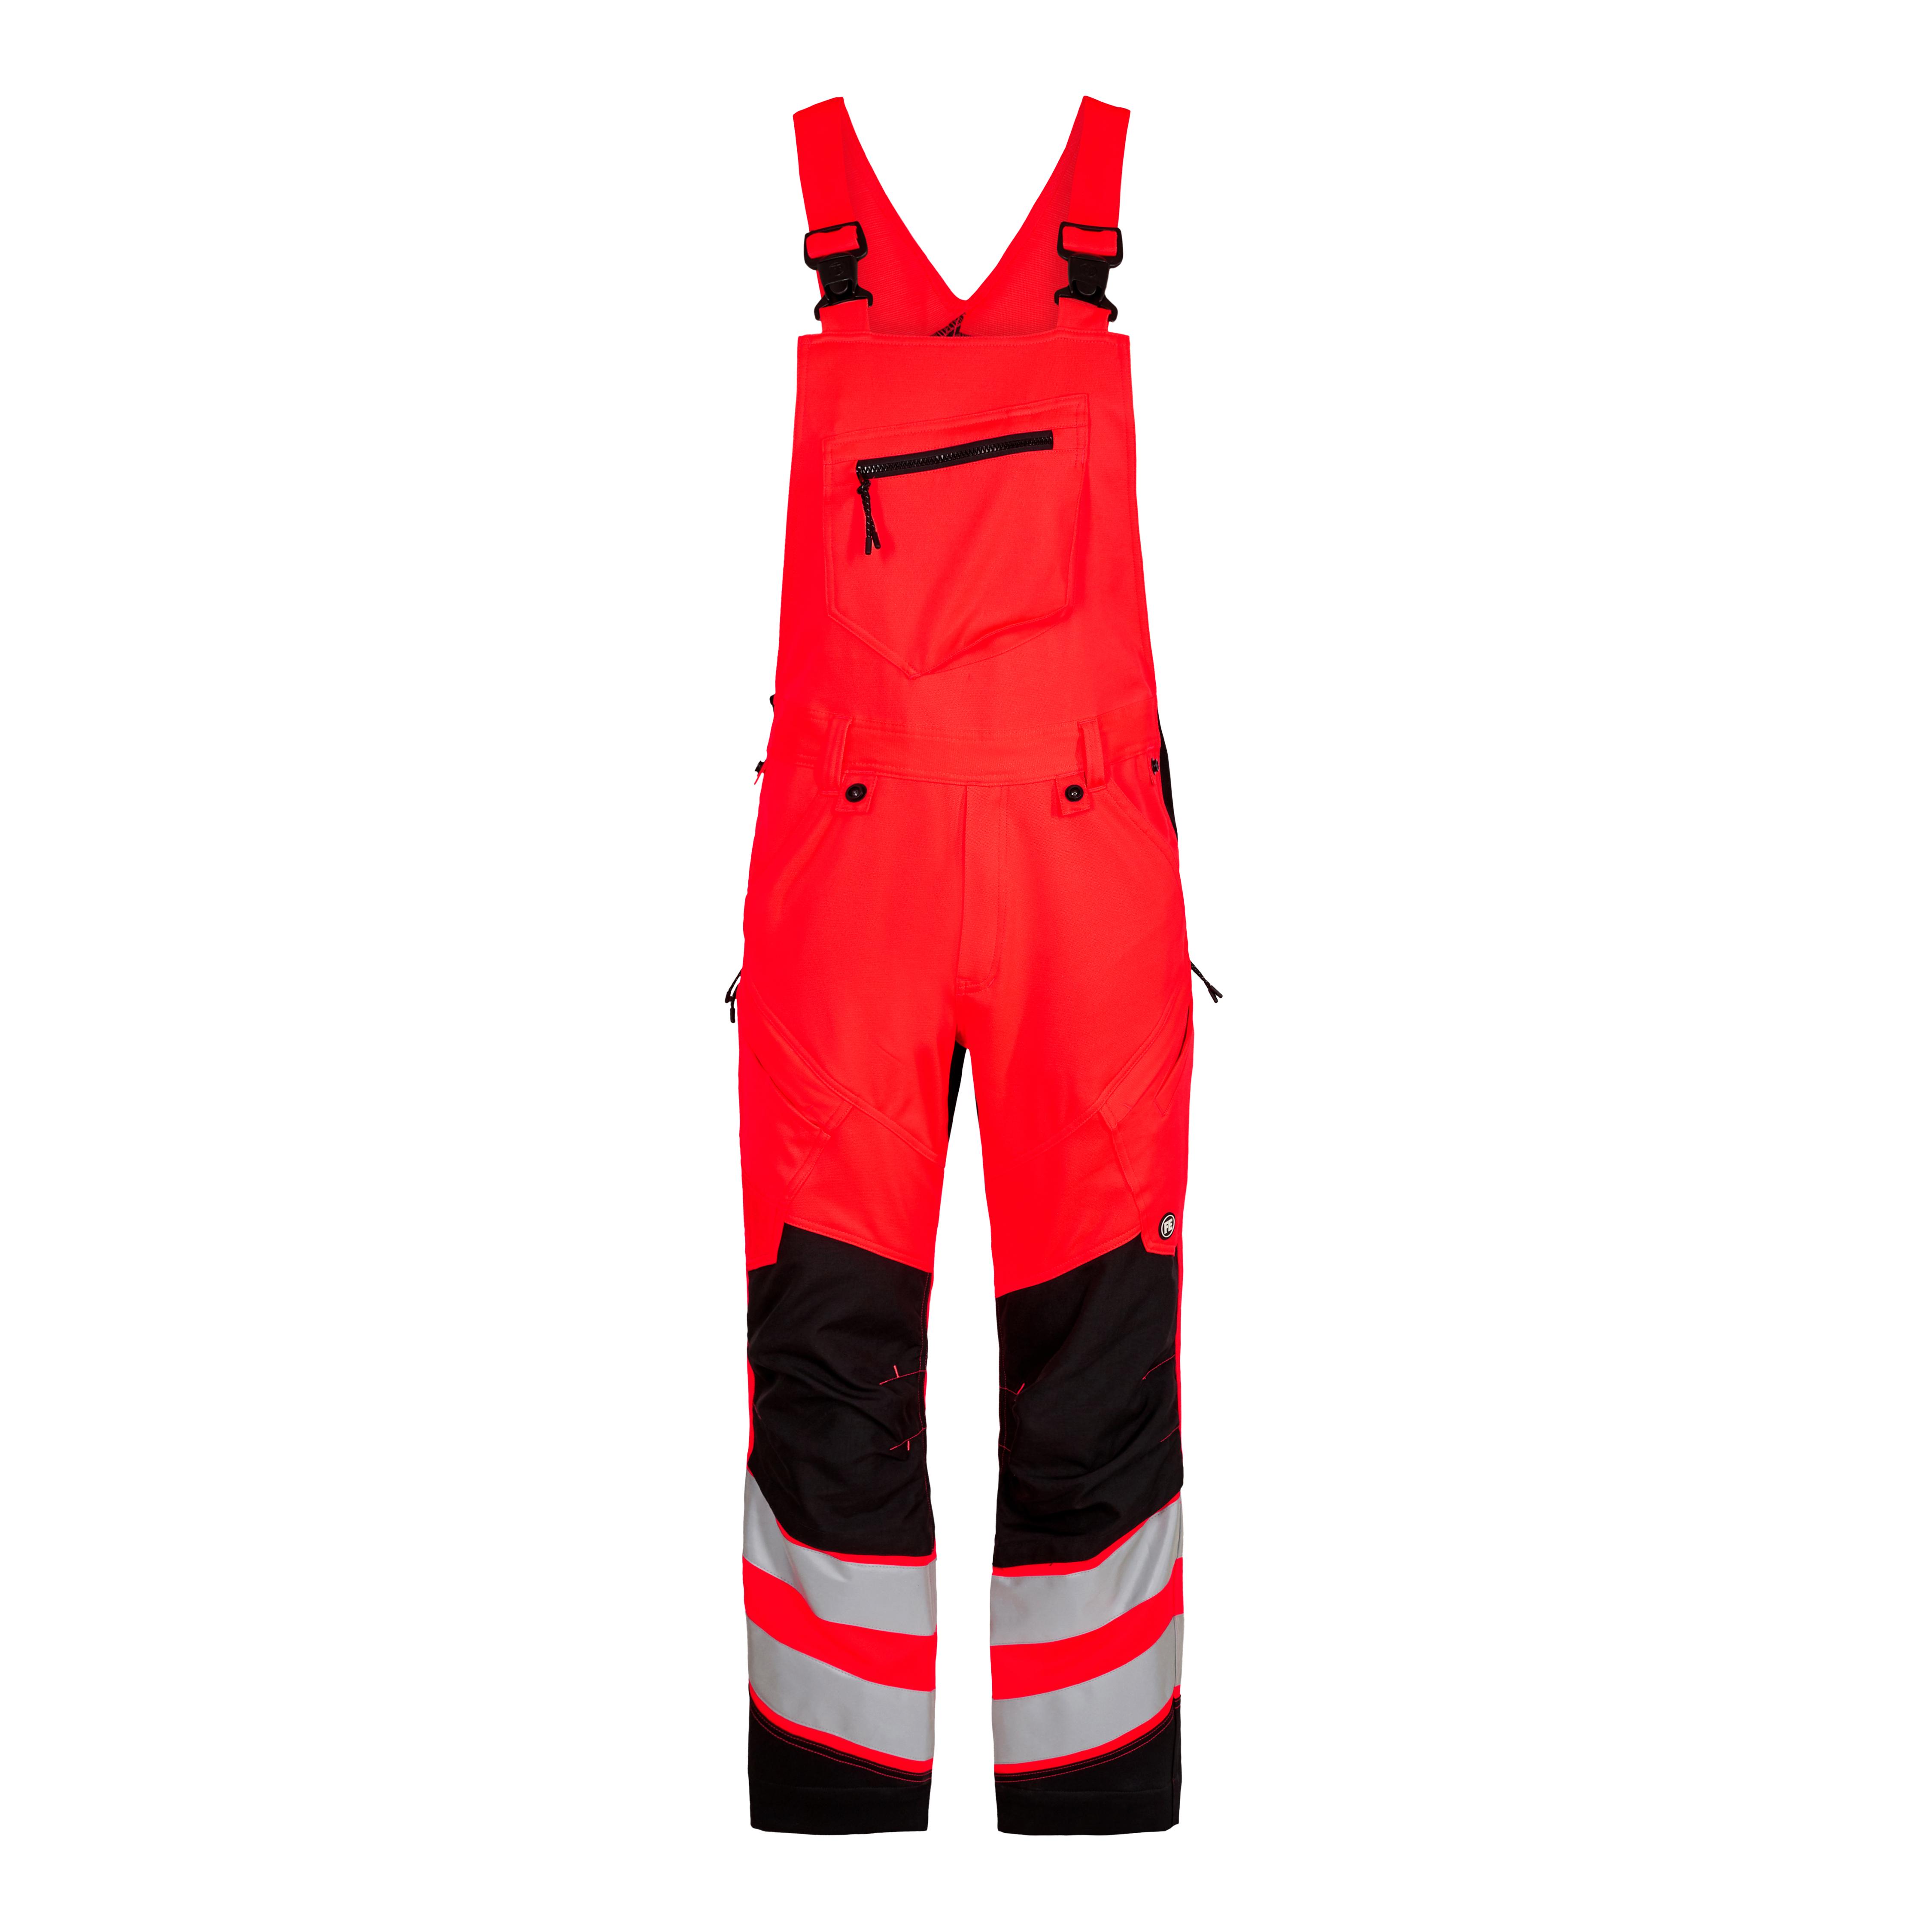 Safety Latzhose EN 20471